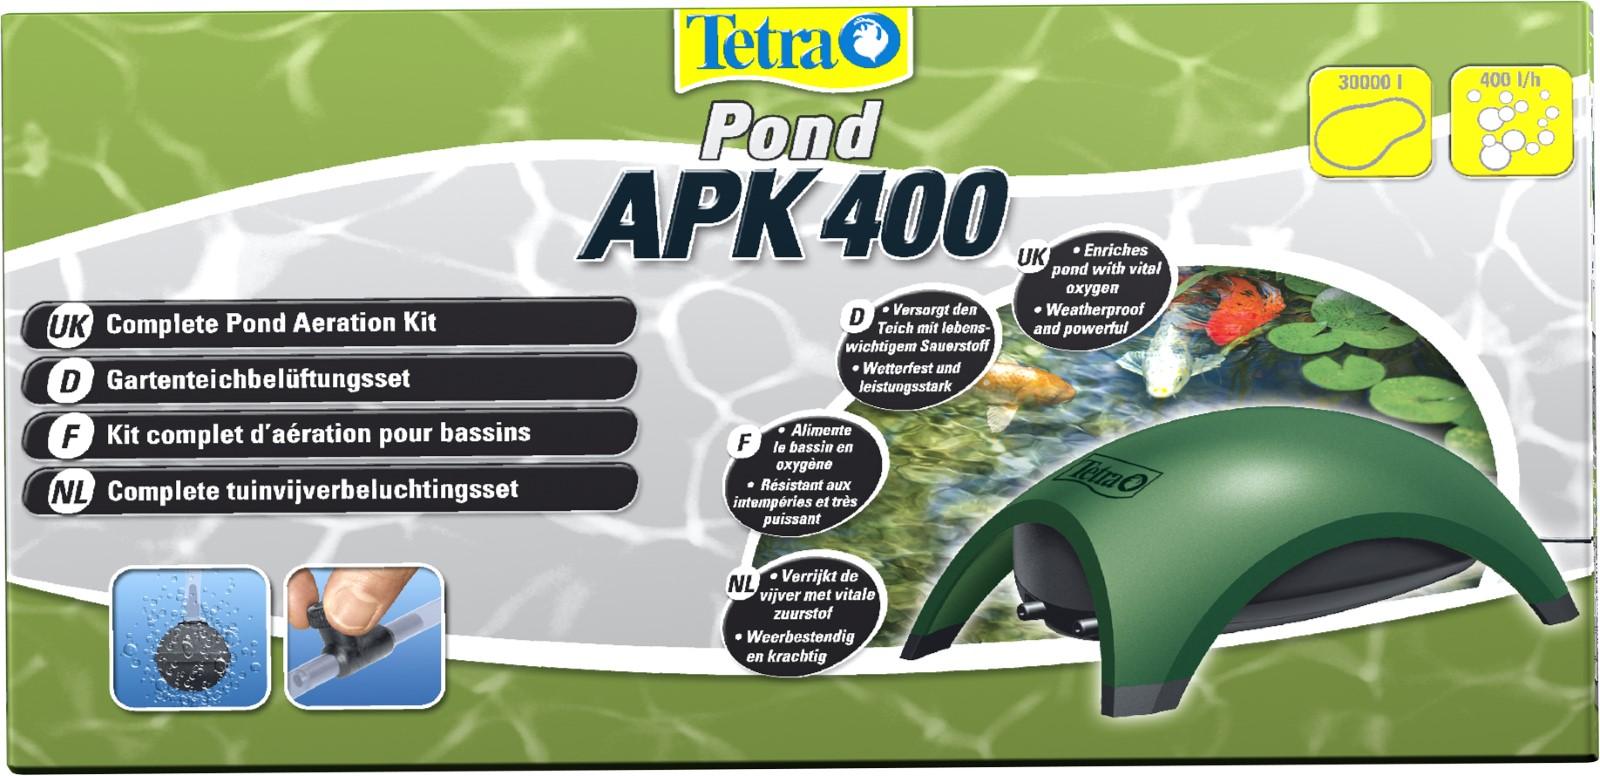 Tetra Pond APK 400 Gartenteichbelüftungsset ganzjährig Sauerstoffversorgung